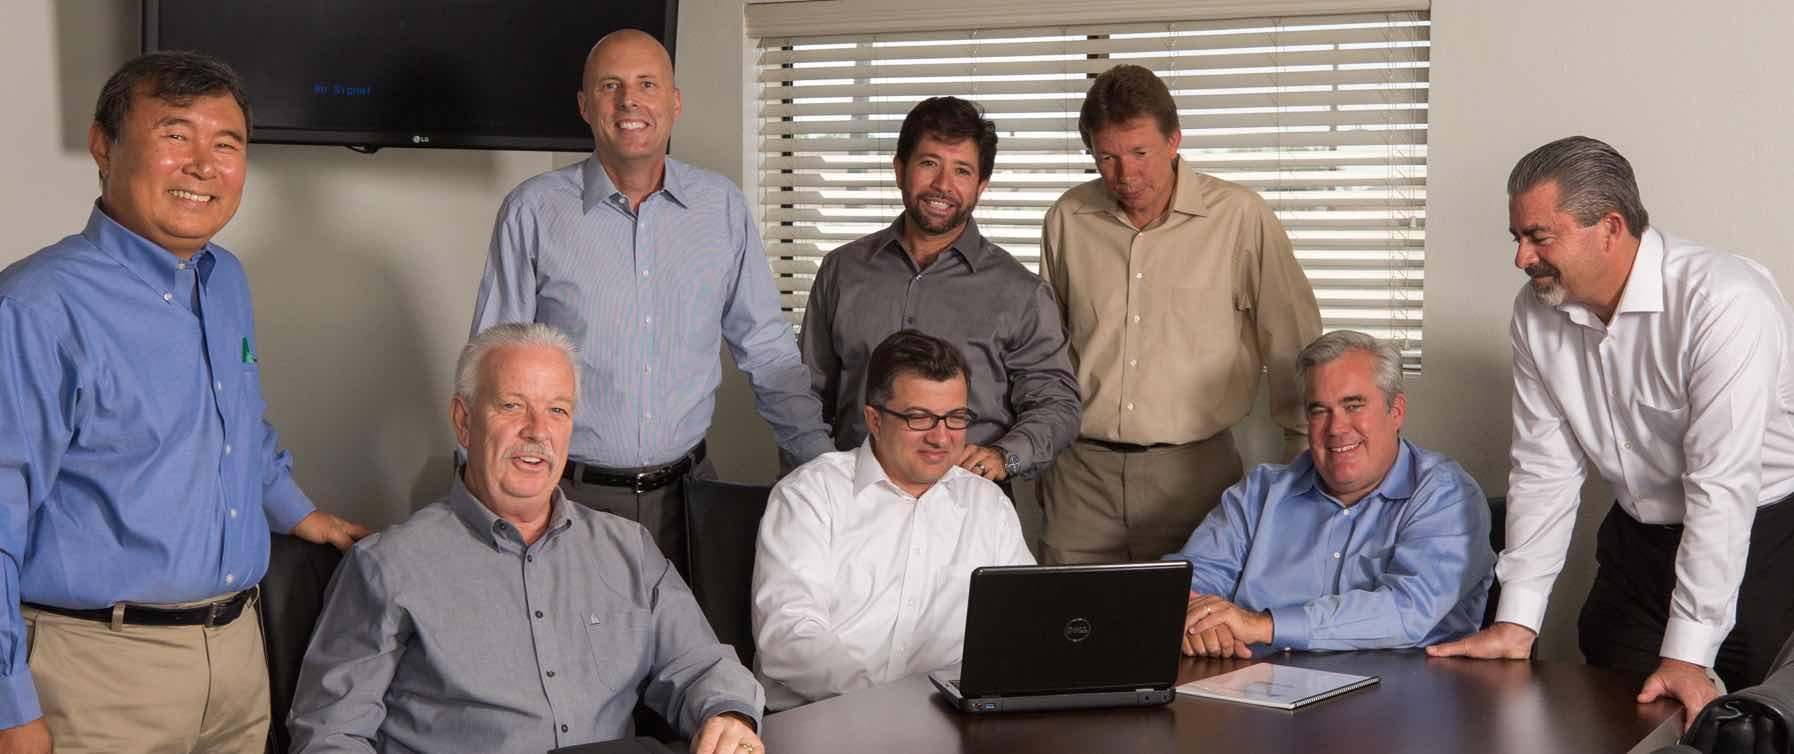 Photo of Allan Company Executives